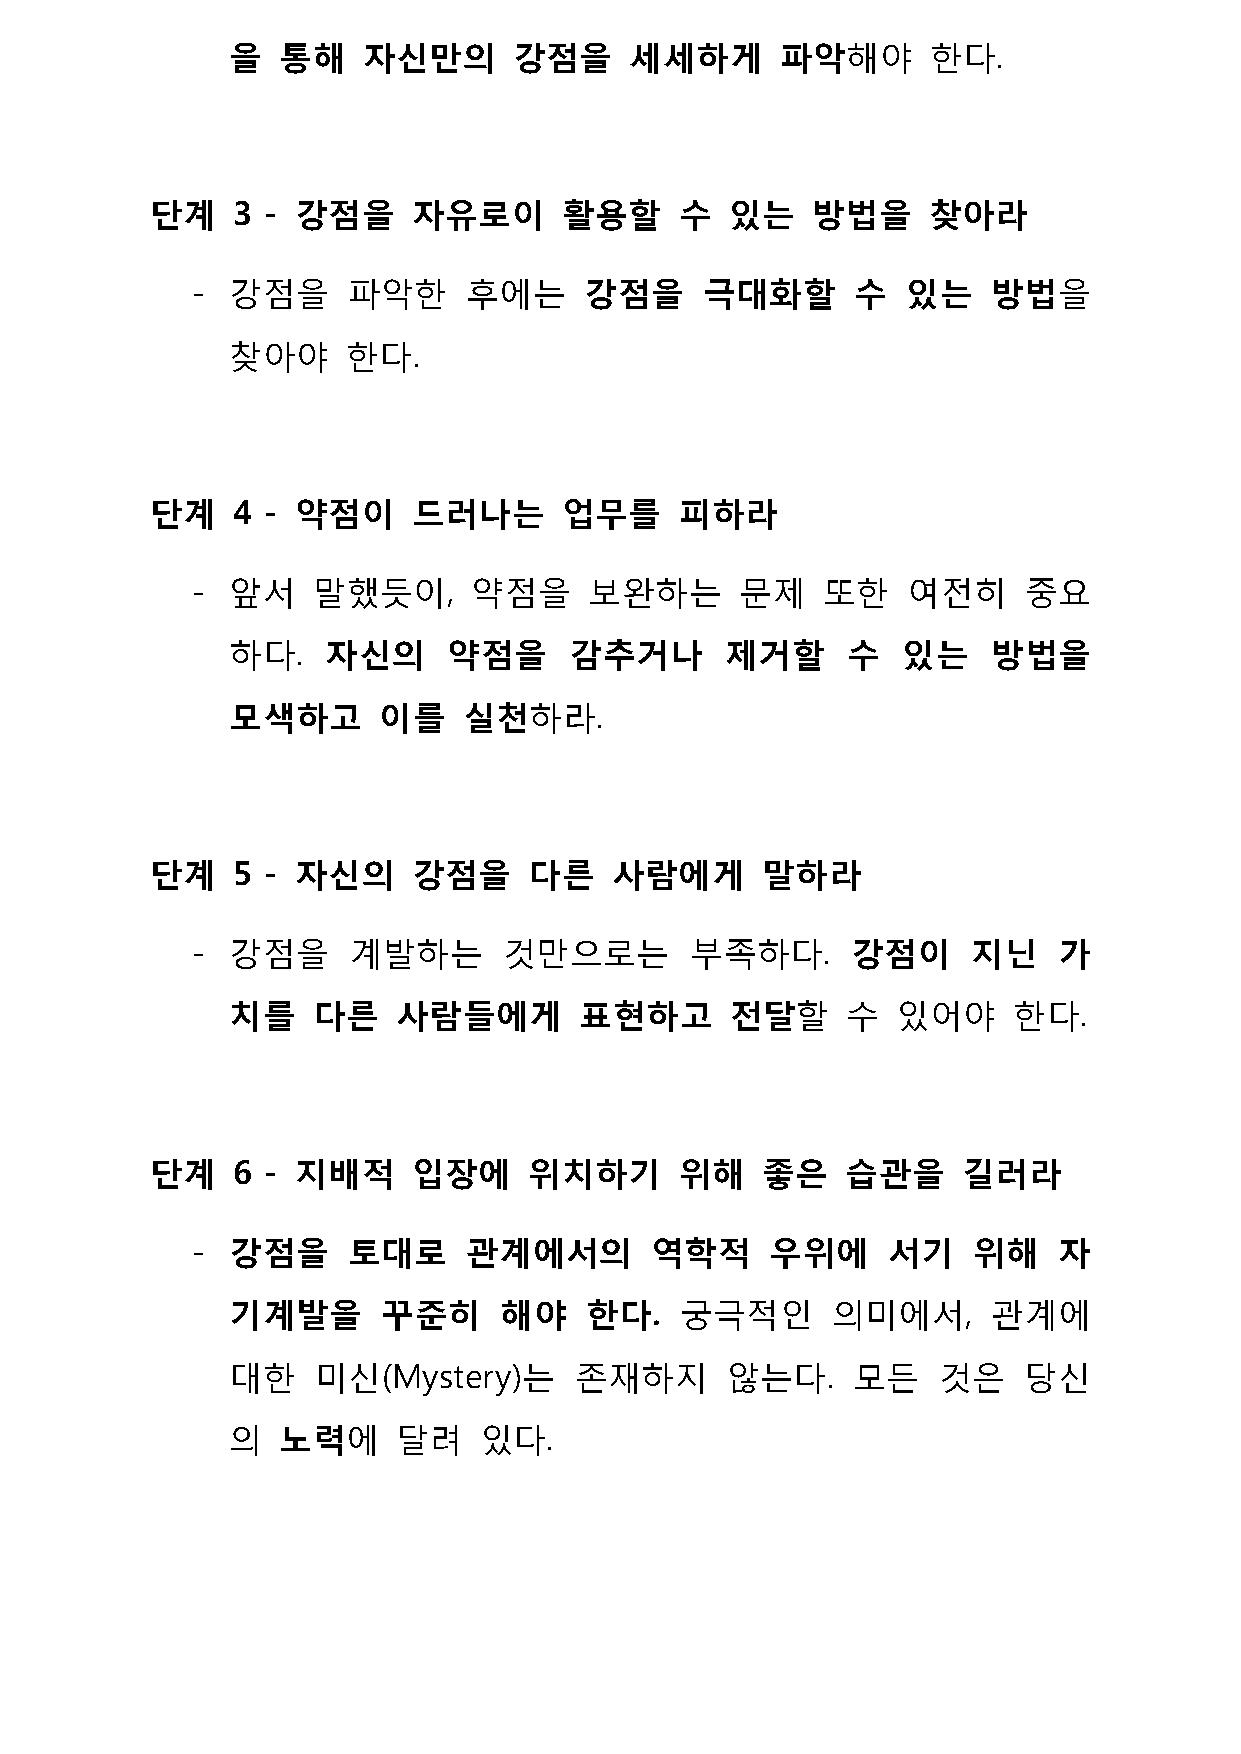 커뮤니티 활용 방법_Page_6.png